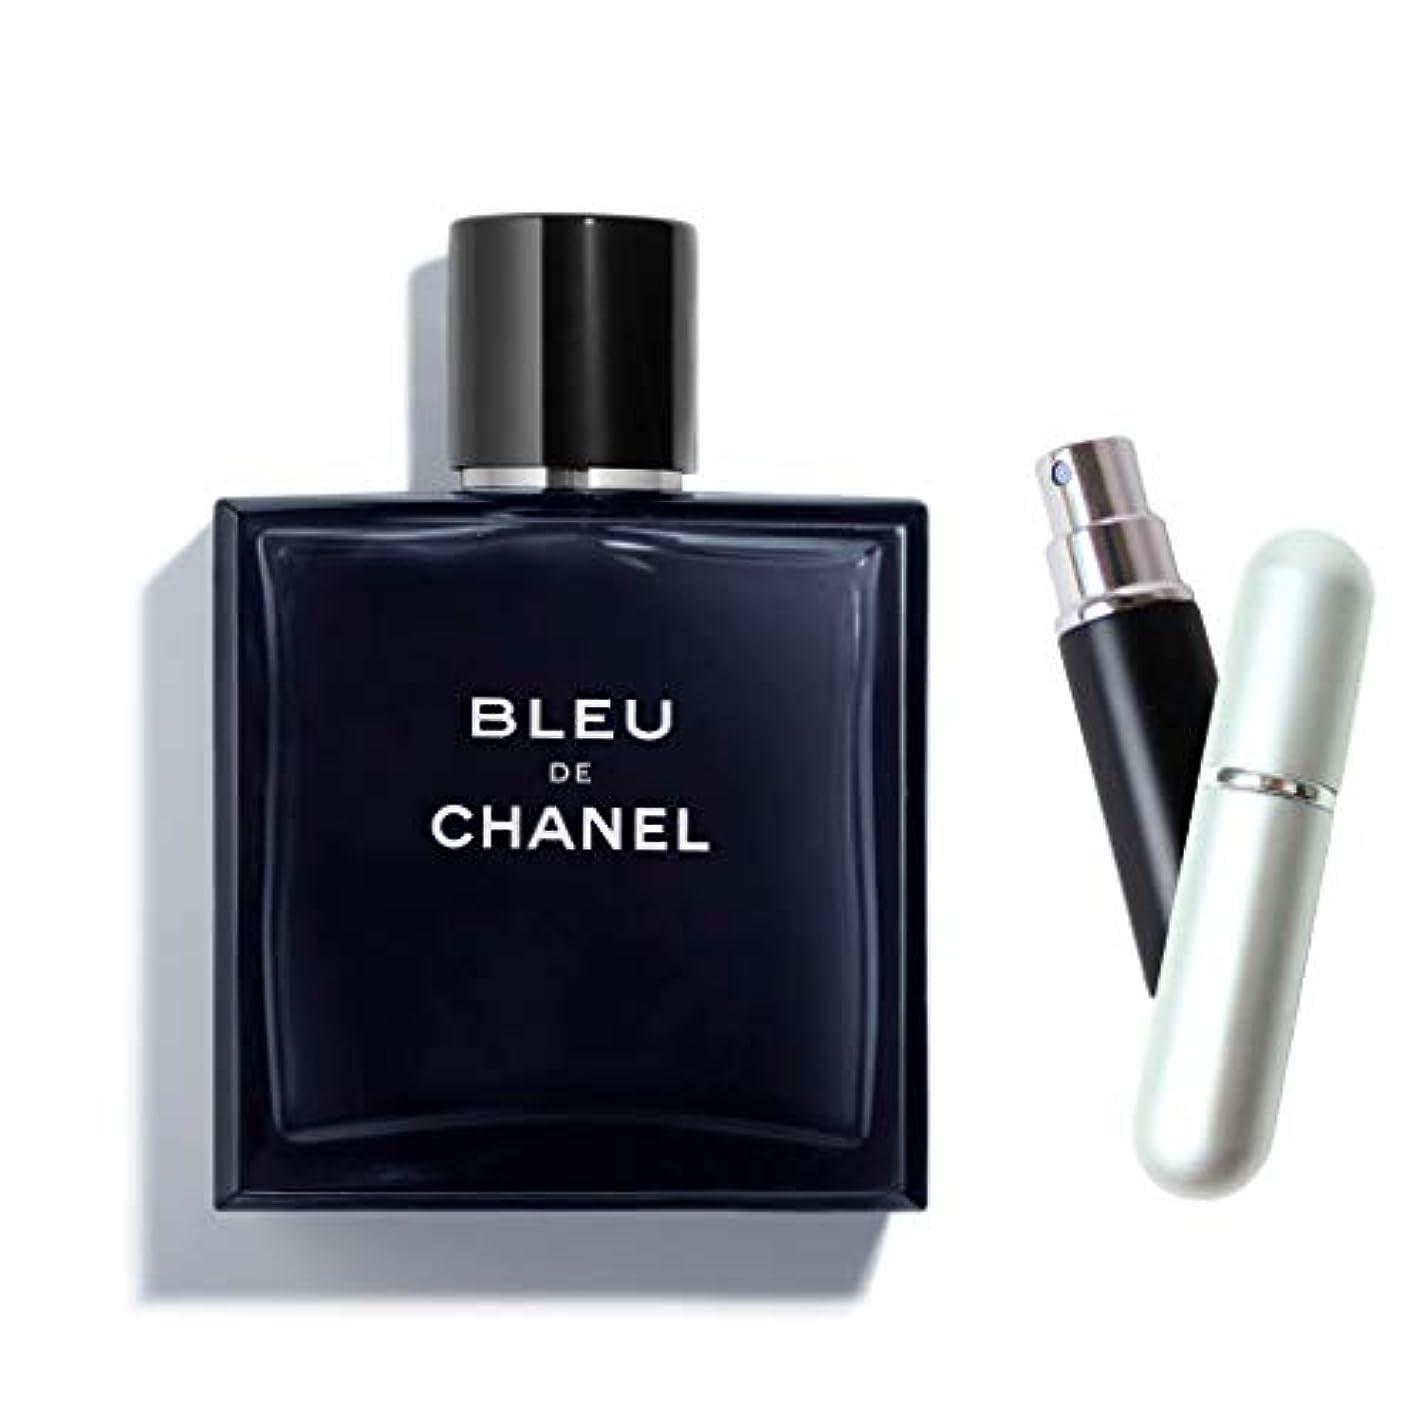 天のニッケル簡略化する[正規品 セット品] アトマイザー付き シャネル 香水 ブルー ドゥ シャネル EDT 100ml